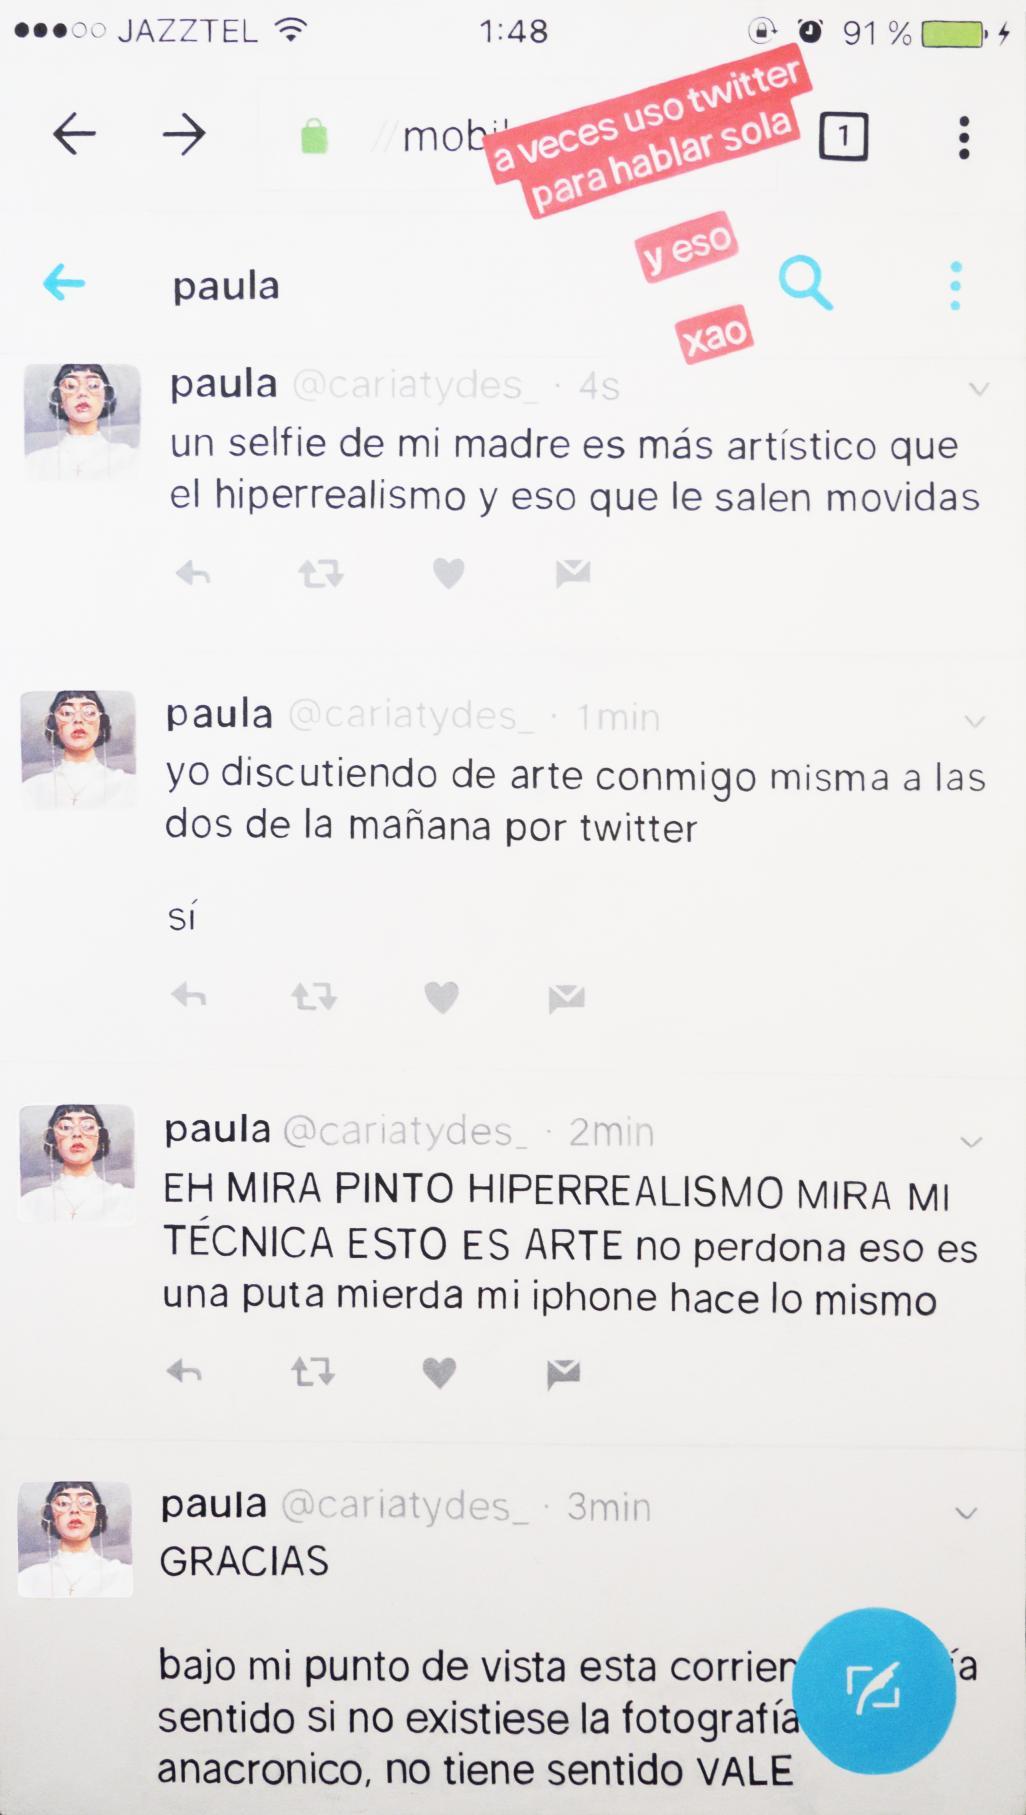 Mi Iphone hace lo mismo (2019) - Marta Ruiz Anguera